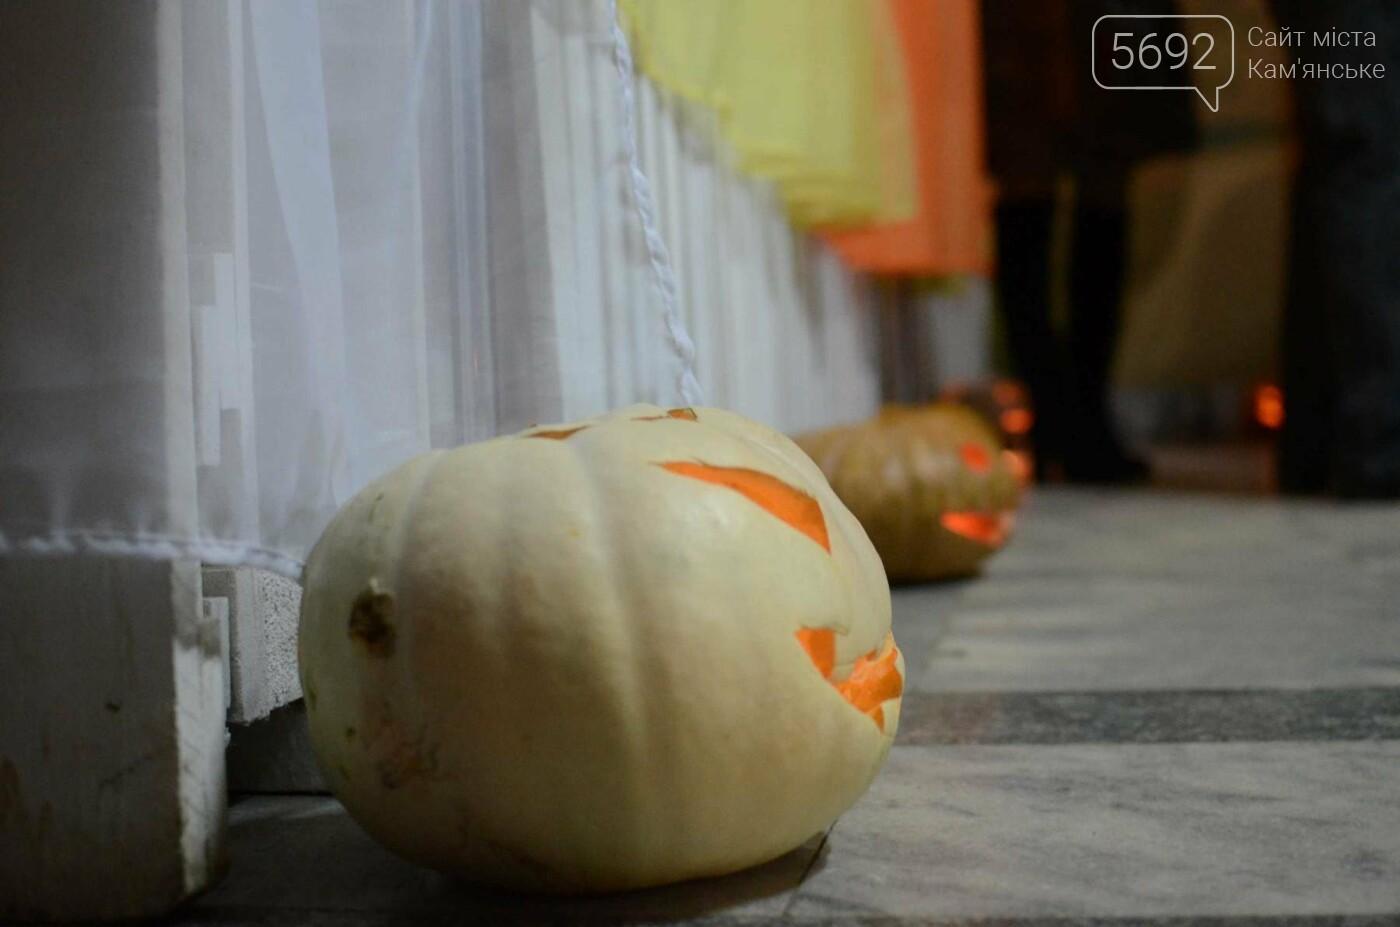 Ночь кино в Каменском посвятили Хэллоуину, фото-39